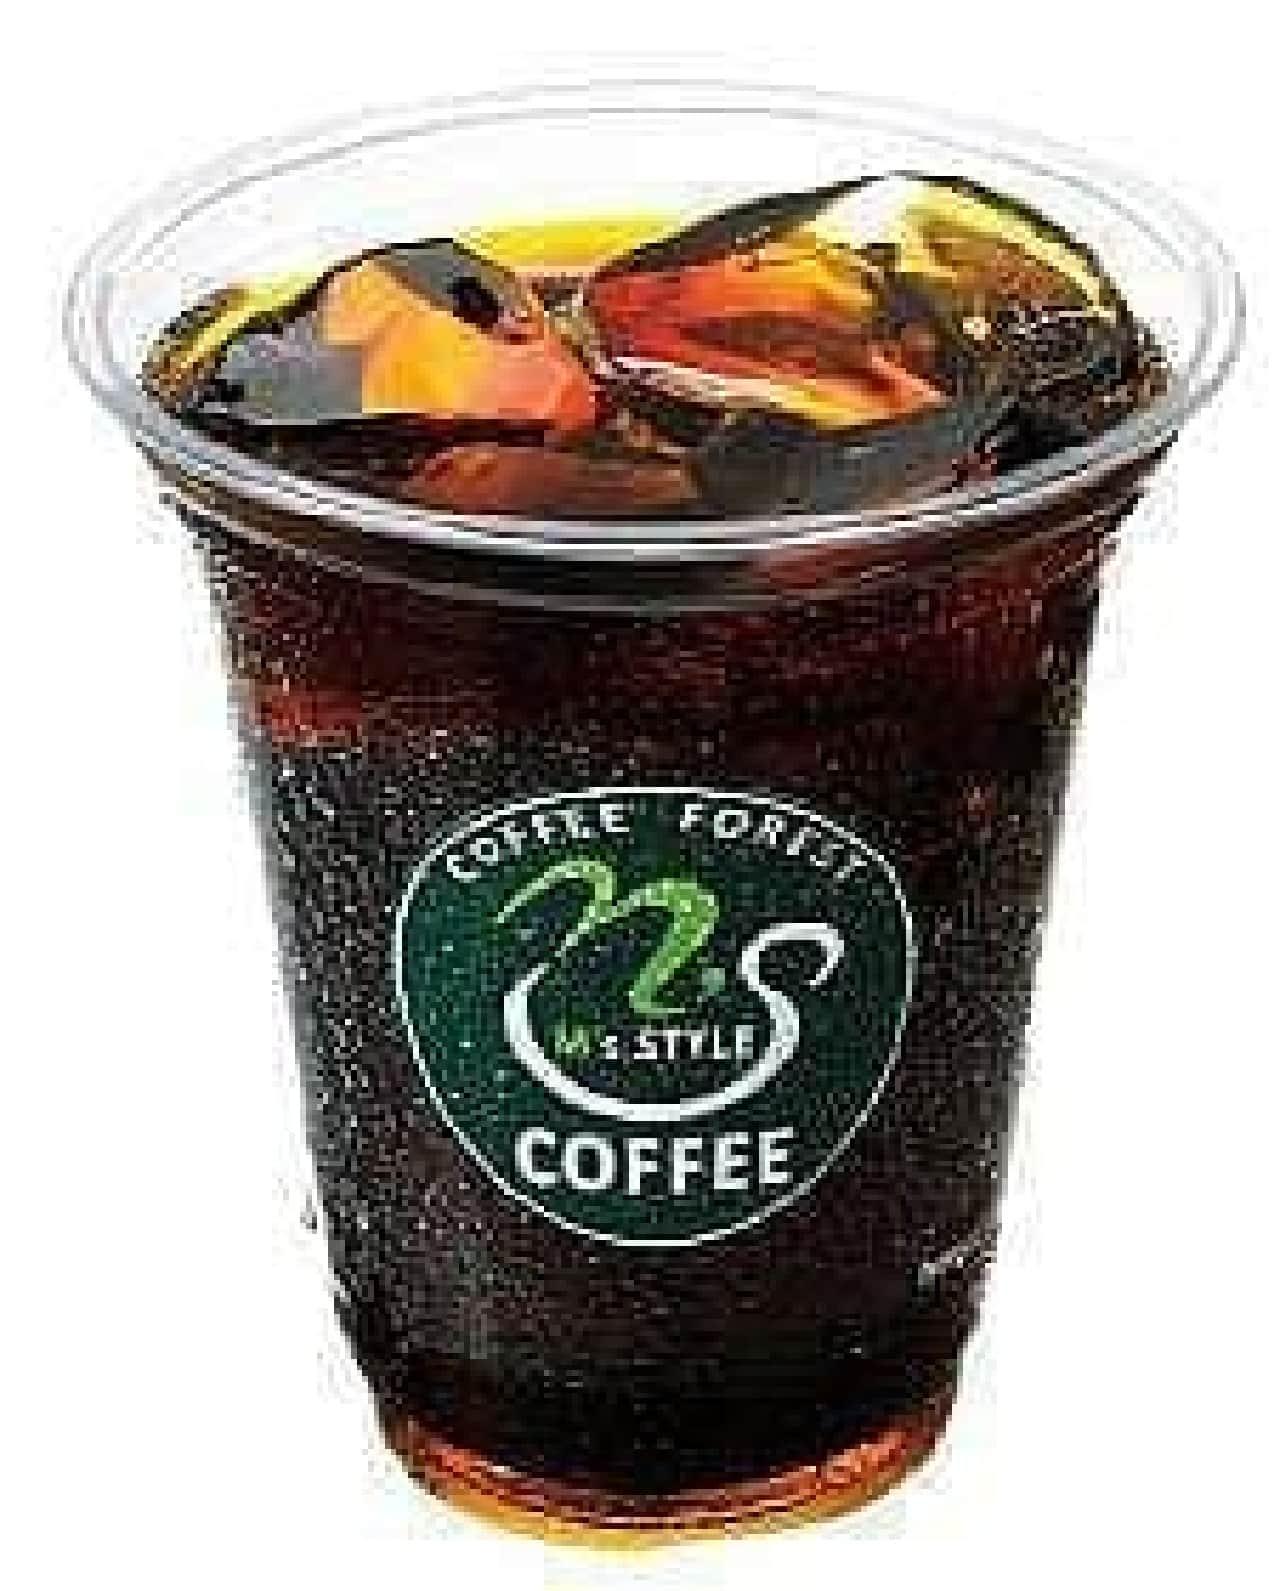 4杯飲んだら1杯タダ―ミニストップのアイスコーヒーキャンペーン